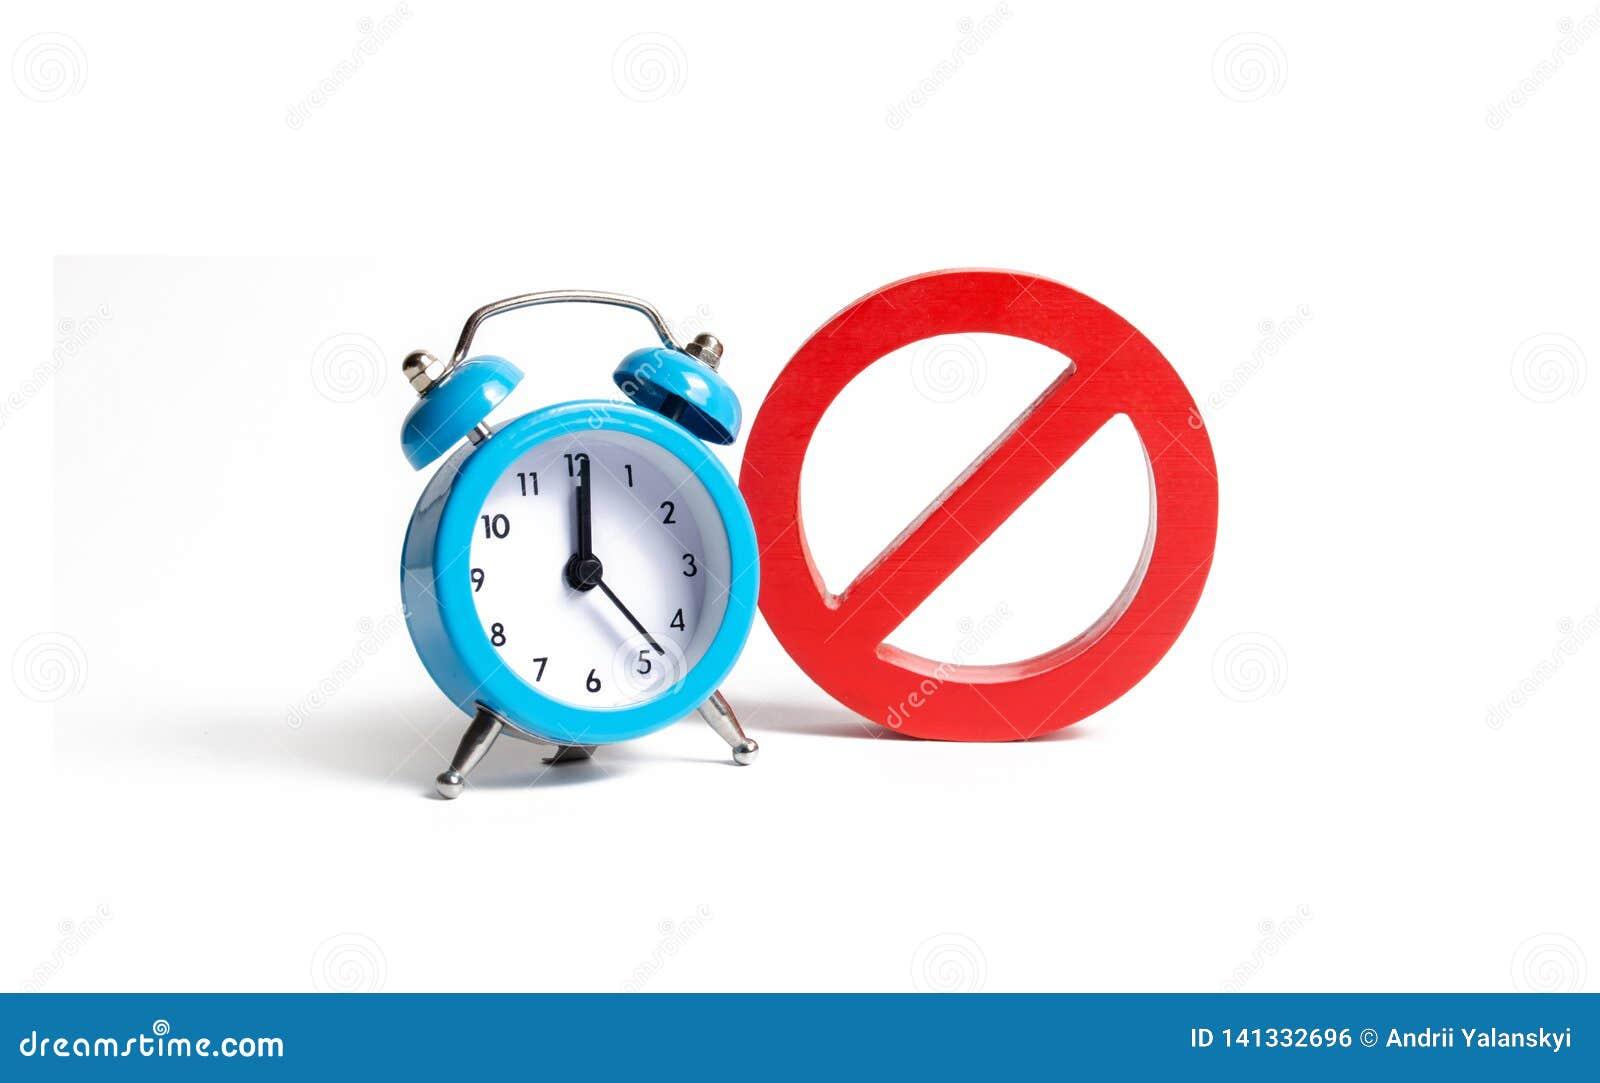 Κανένα σημάδι και μπλε ρολόι σε ένα απομονωμένο υπόβαθρο Απρόσιτο σε ορισμένες ώρες Προσωρινοί περιορισμοί και απαγορεύσεις